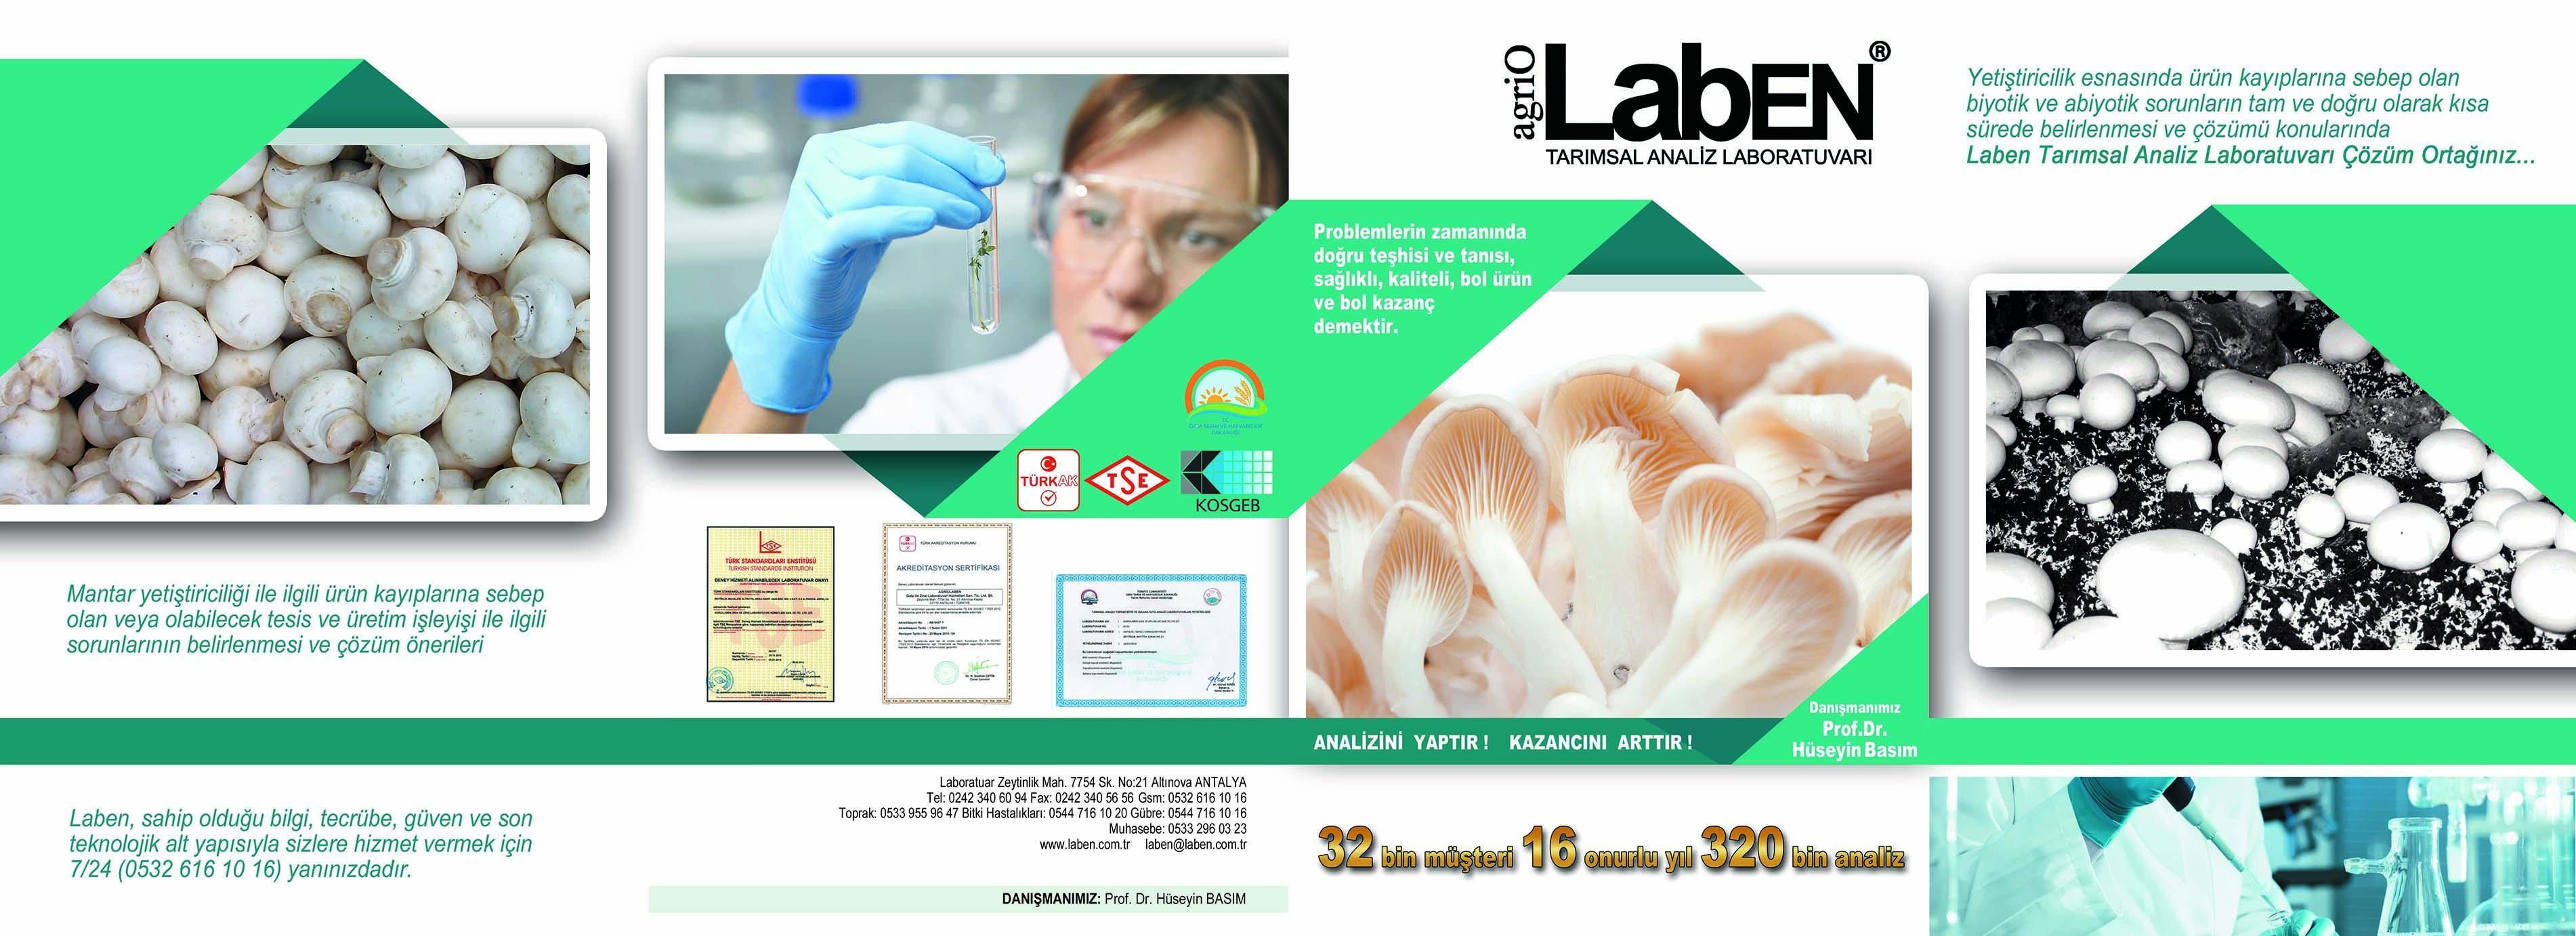 Bitki Hastalıklarının Doğru ve Hızlı Teşhisinin Önemi